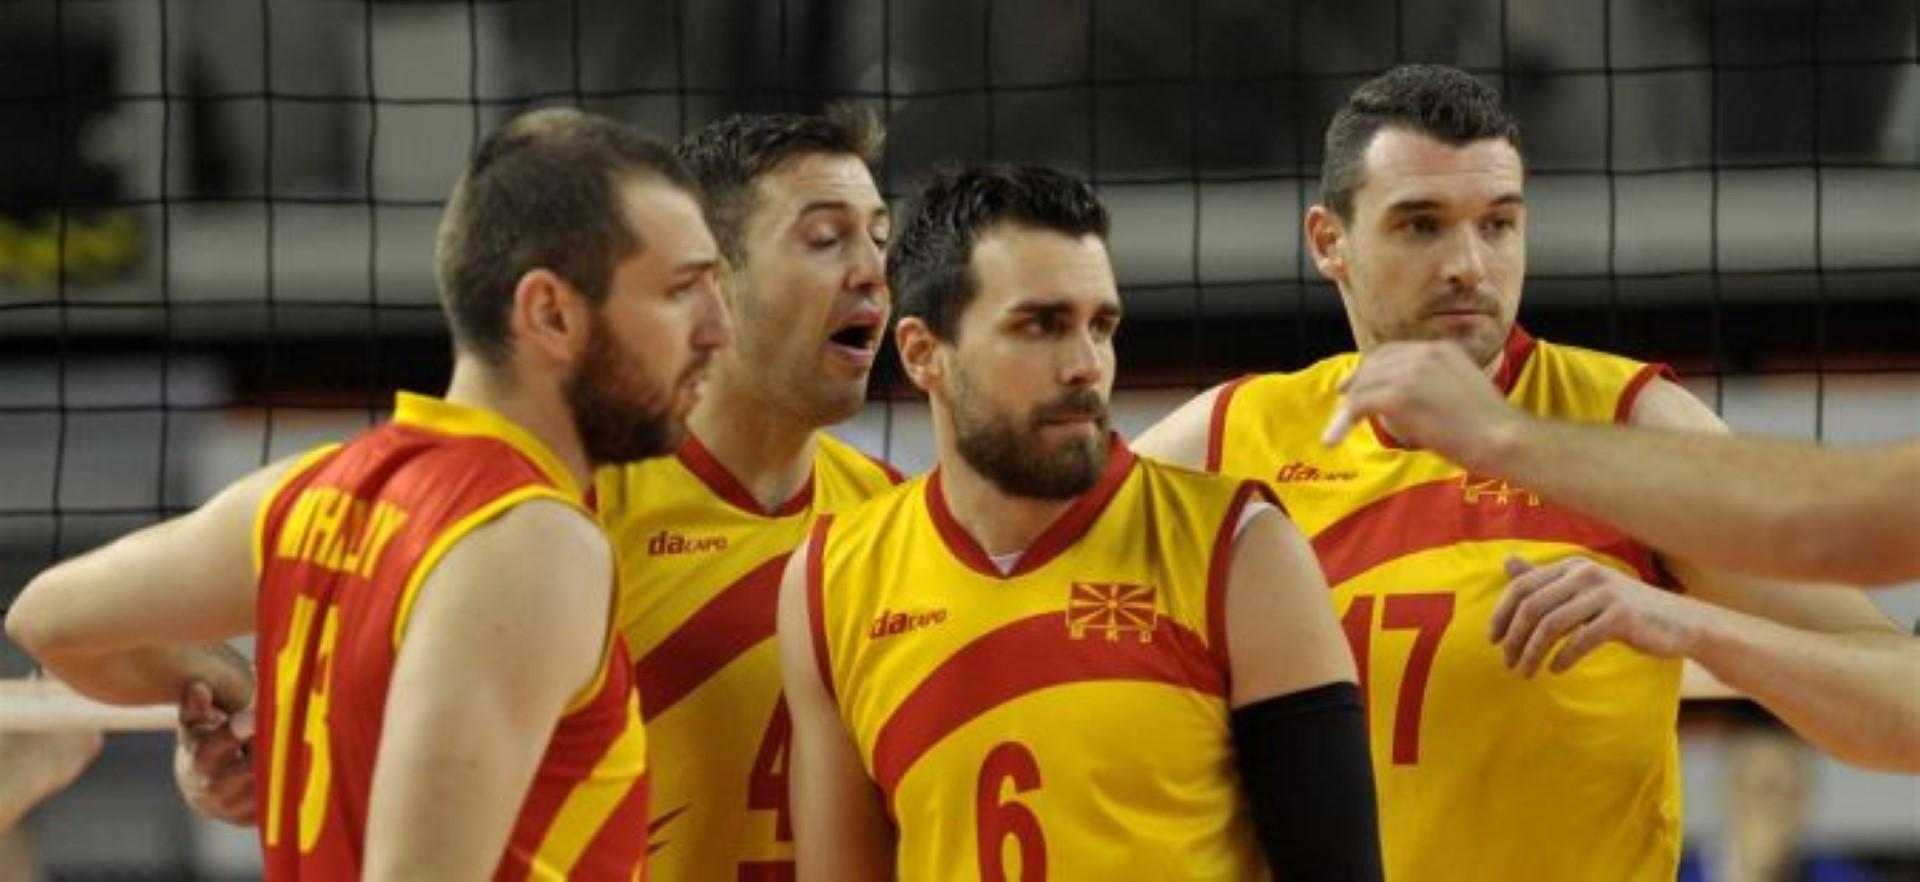 Македонските одбојкари се враќаат со сребро од финалето на Европската лига